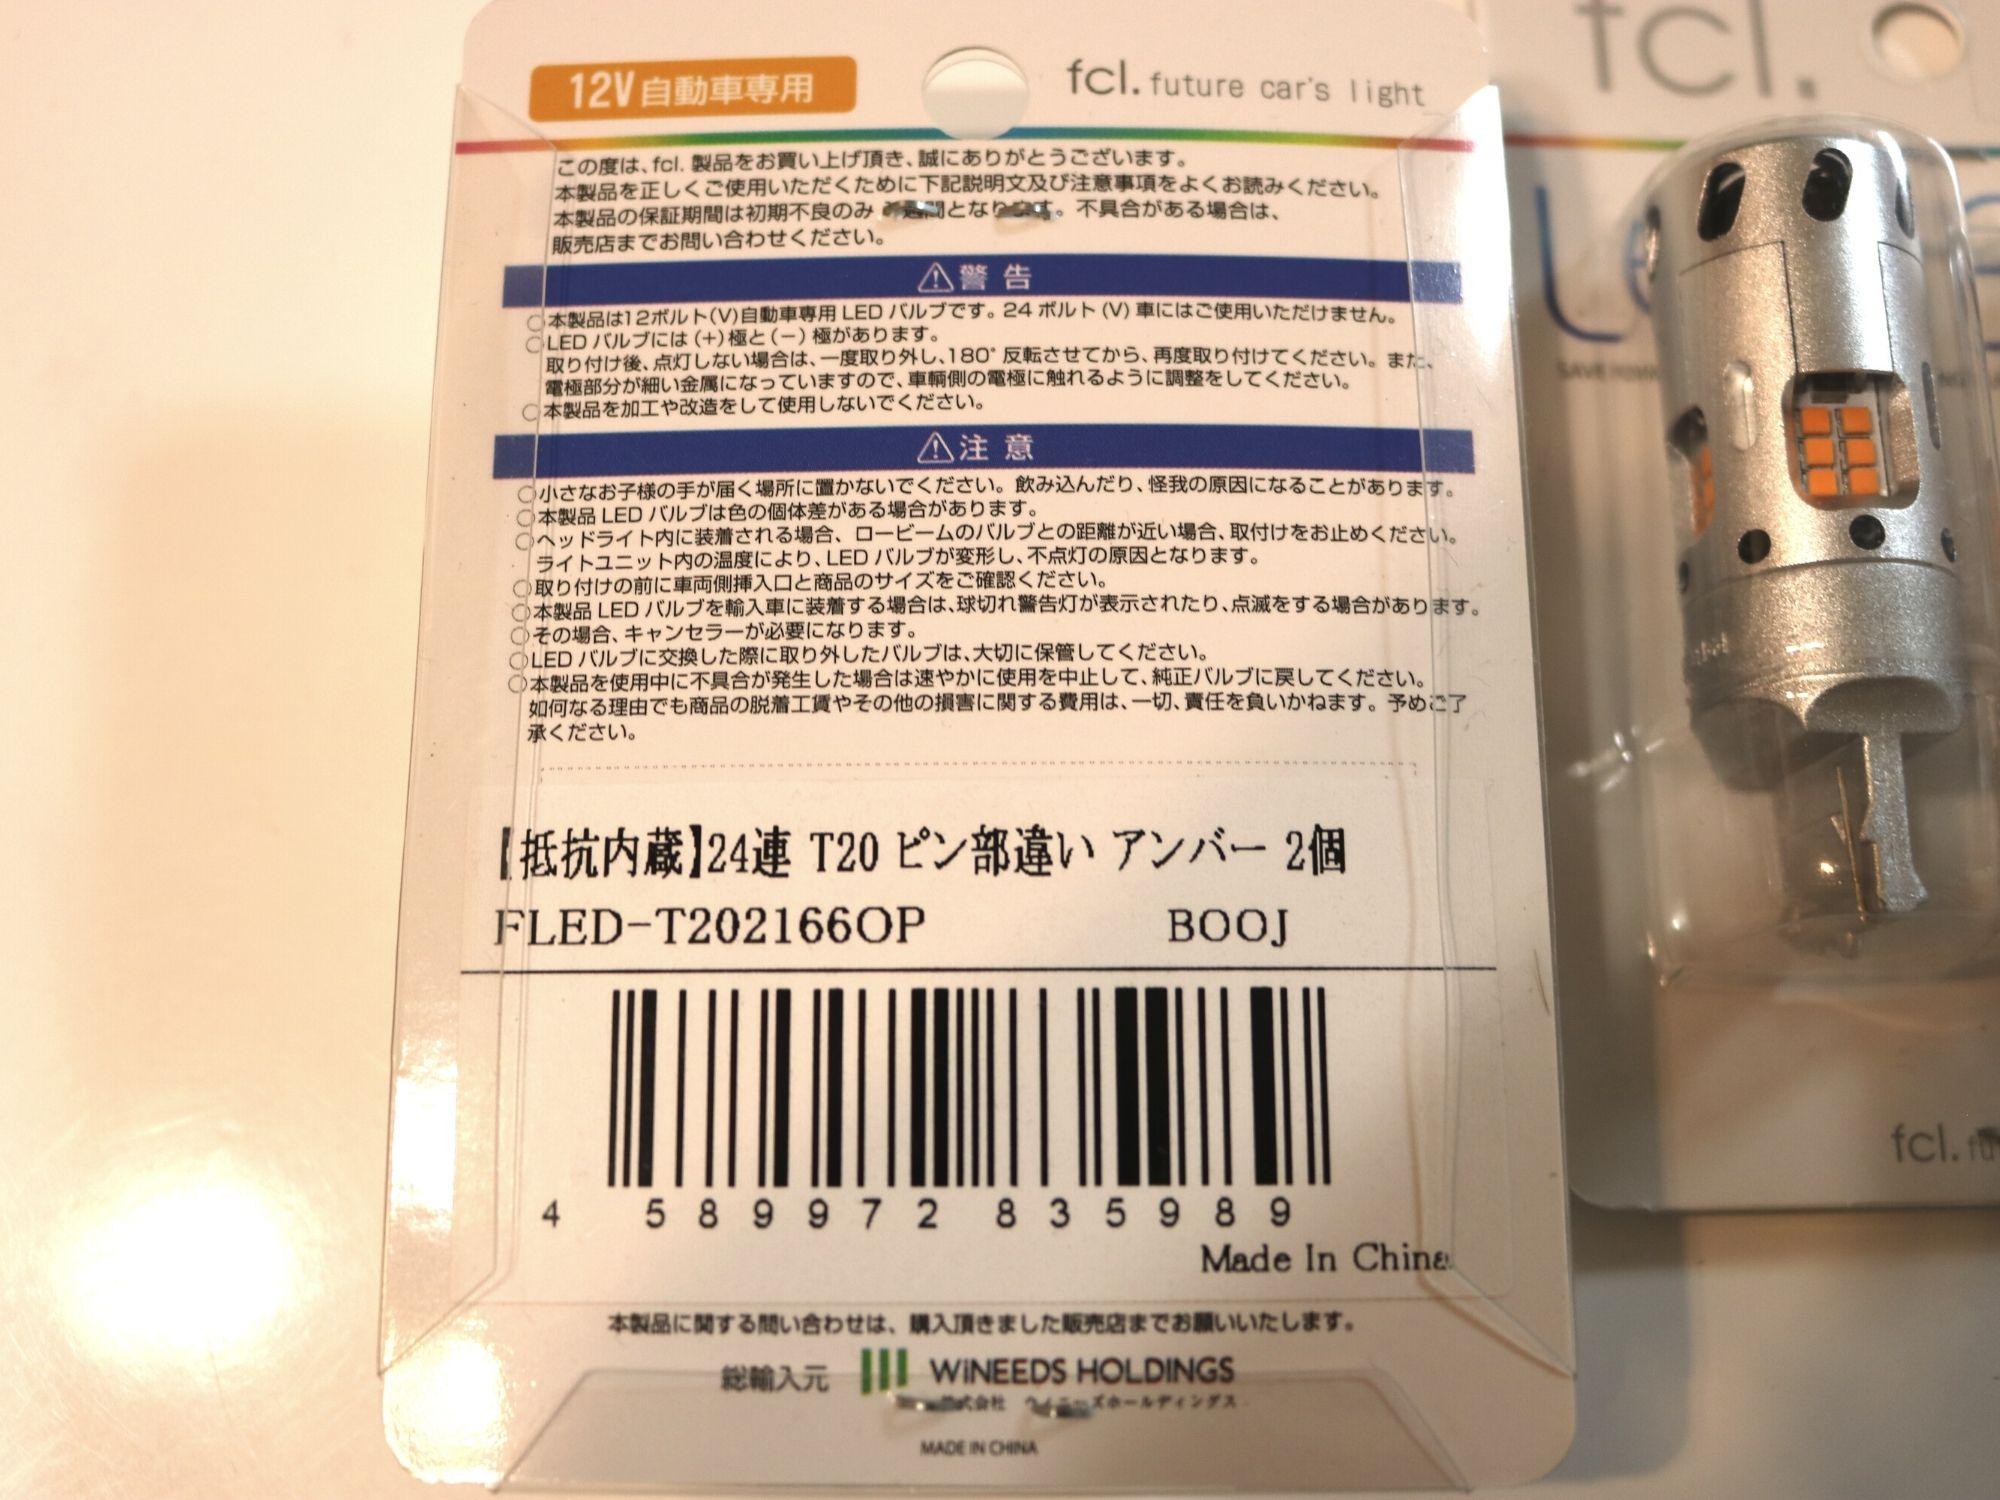 抵抗内蔵 LED ウインカー T20ピンチ部違い